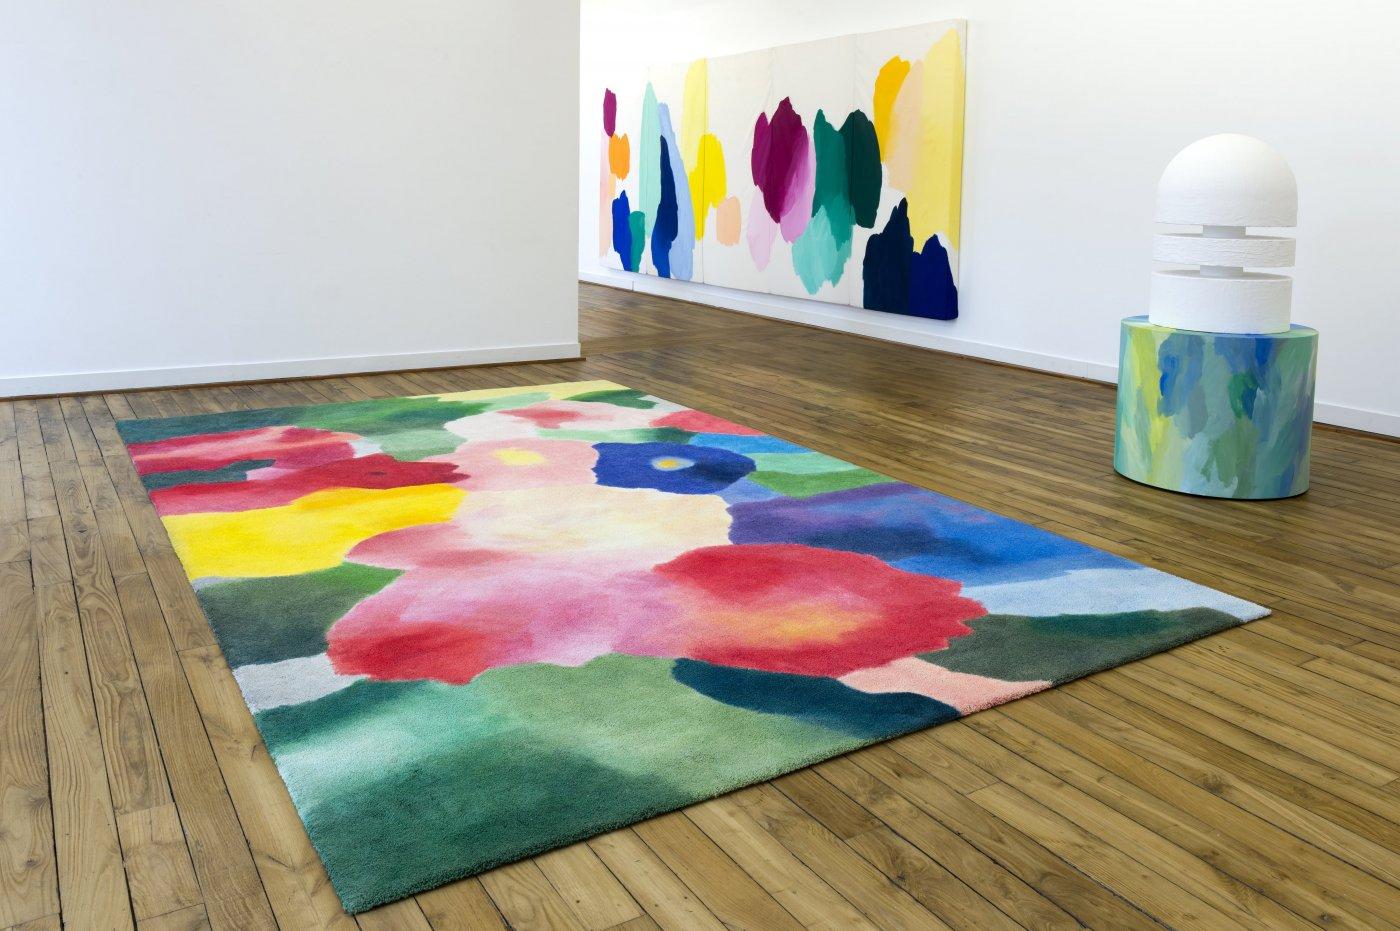 sejours-patrimoine-et-histoire-fonds-regional-d-art-contemporain-bretagne-a-rennes